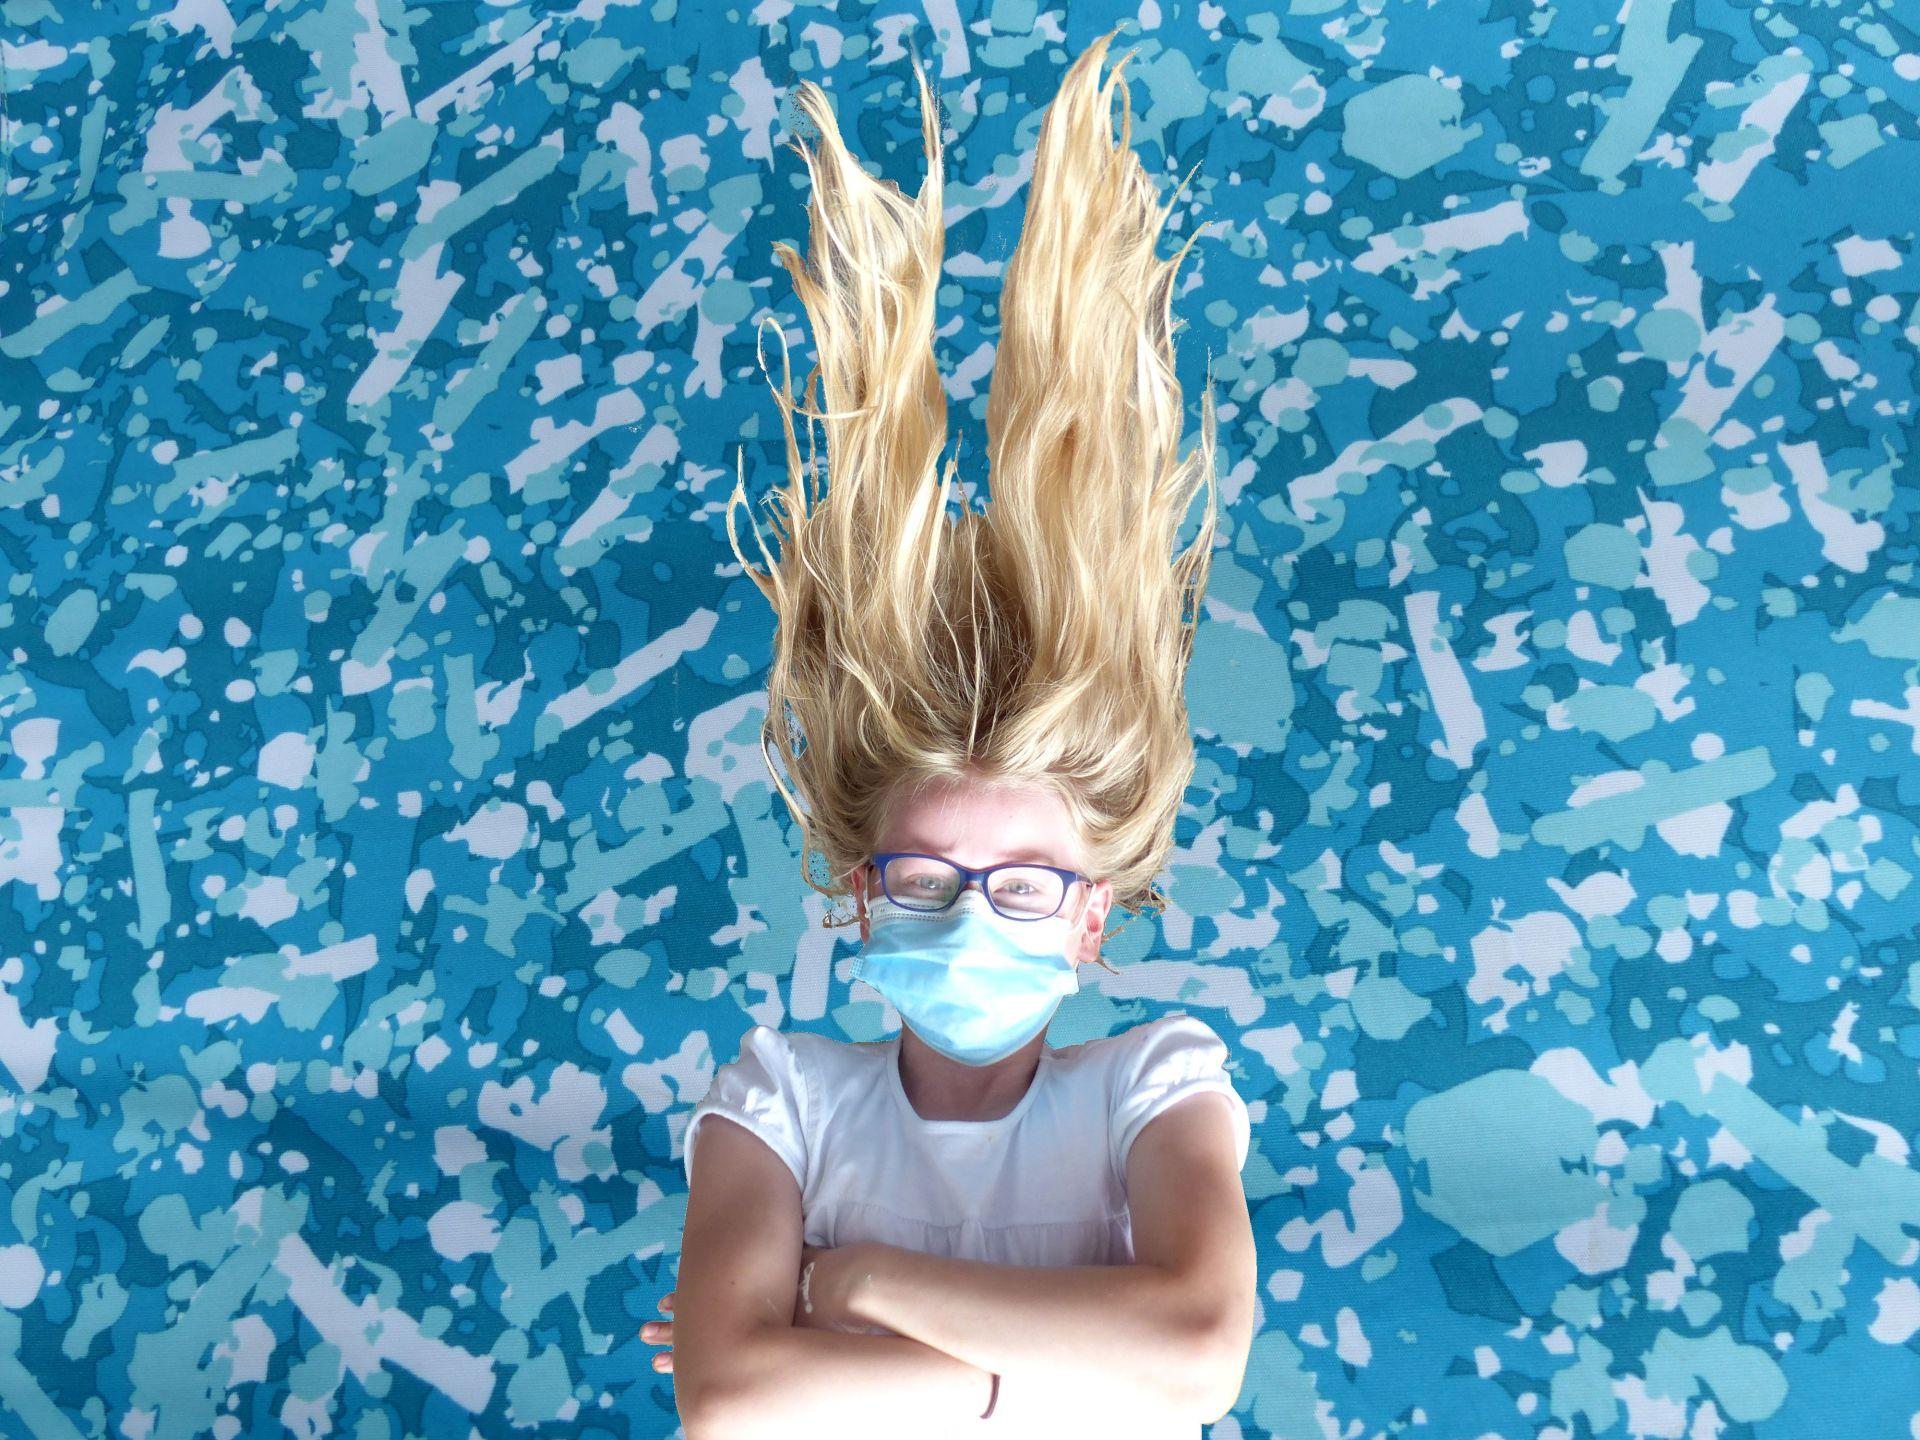 Mädchen mit MAske vor blauem Hintergrund, die Haare zu Bergen